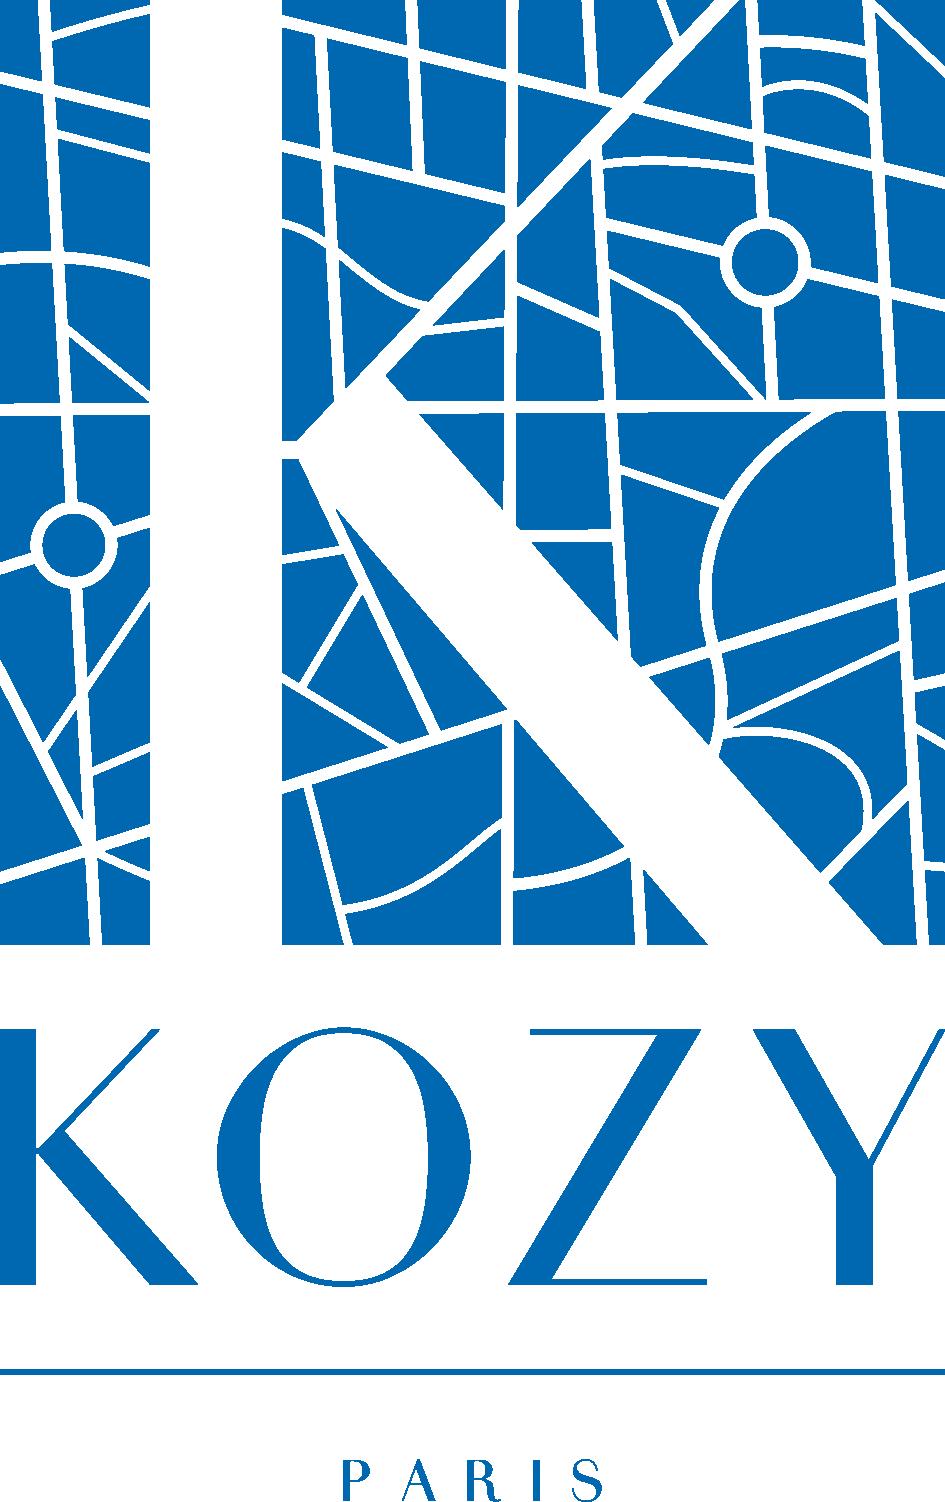 logo_kozy